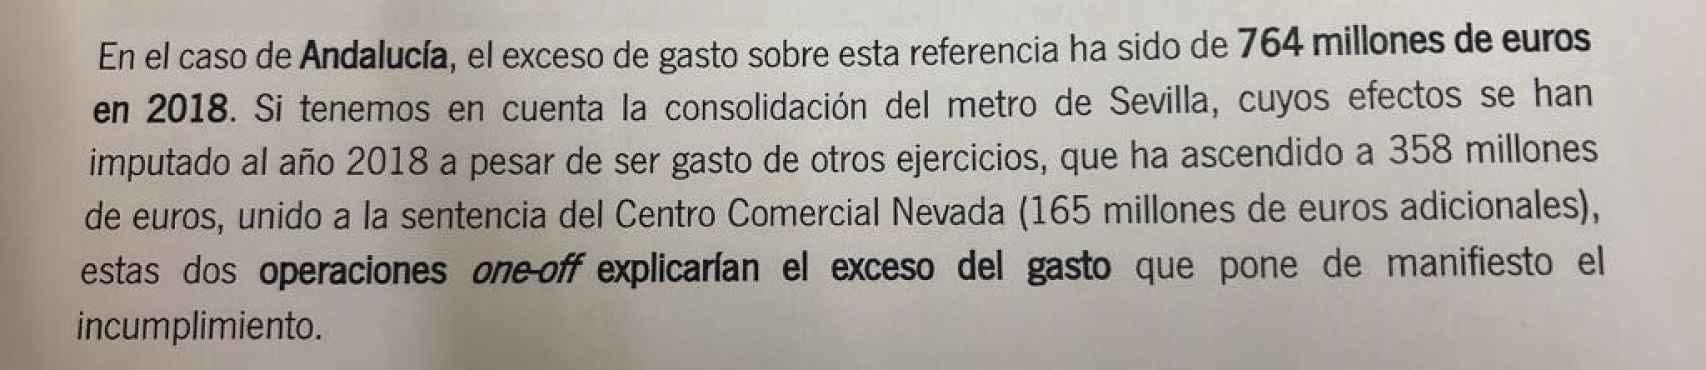 Informe interno de la Junta de Andalucía sobre gastos sobrevenidos al ejercicio 2018.